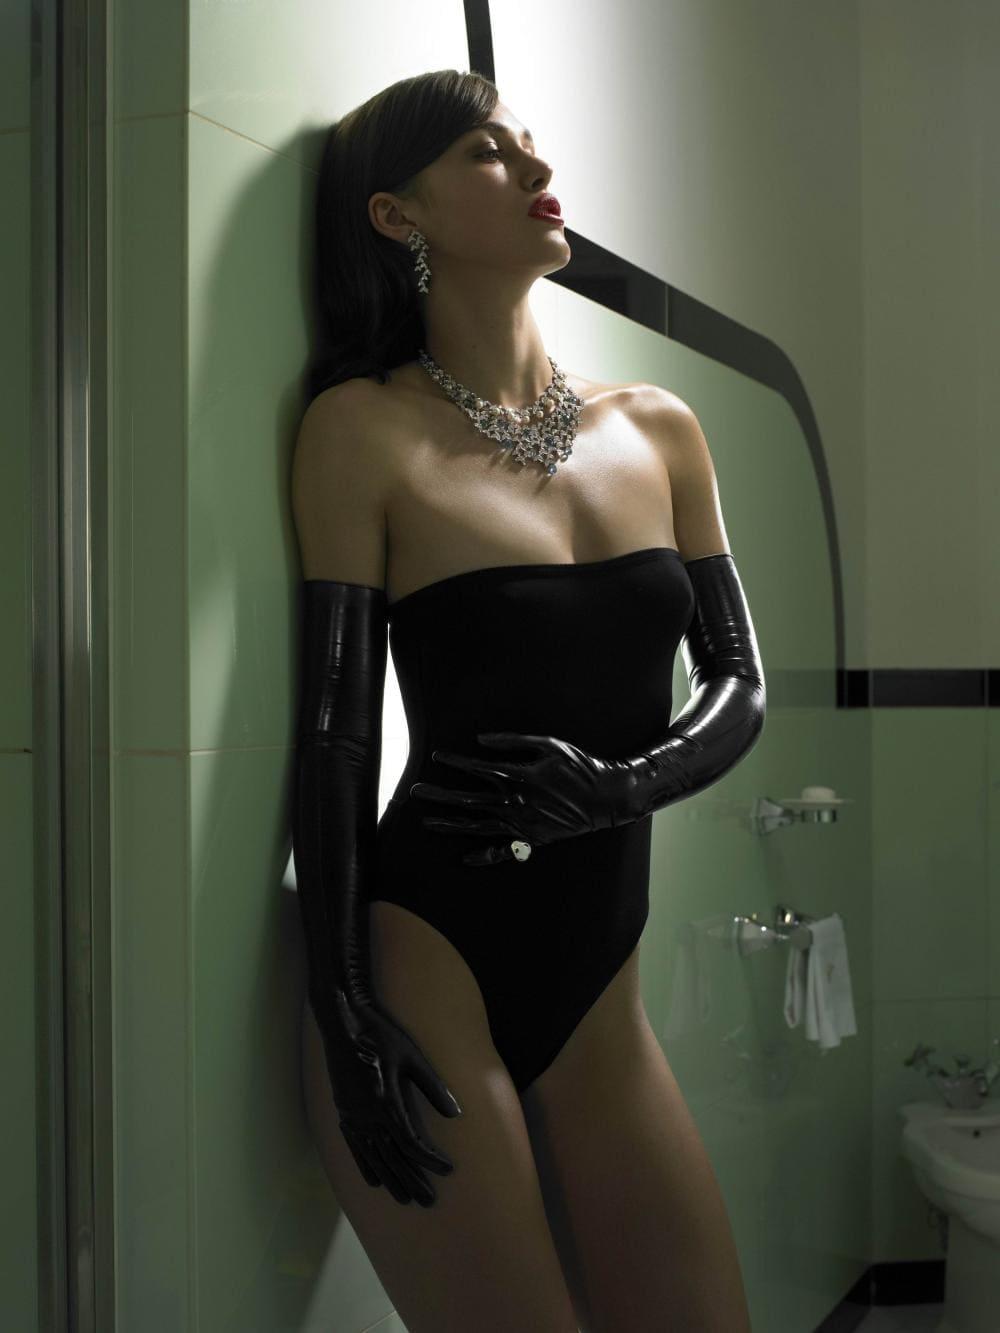 Кира Найтли лучшие стоит прислонившись к стиене в черном сплошном купальнике из латекса и длинных перчаток, на шее ожерелье